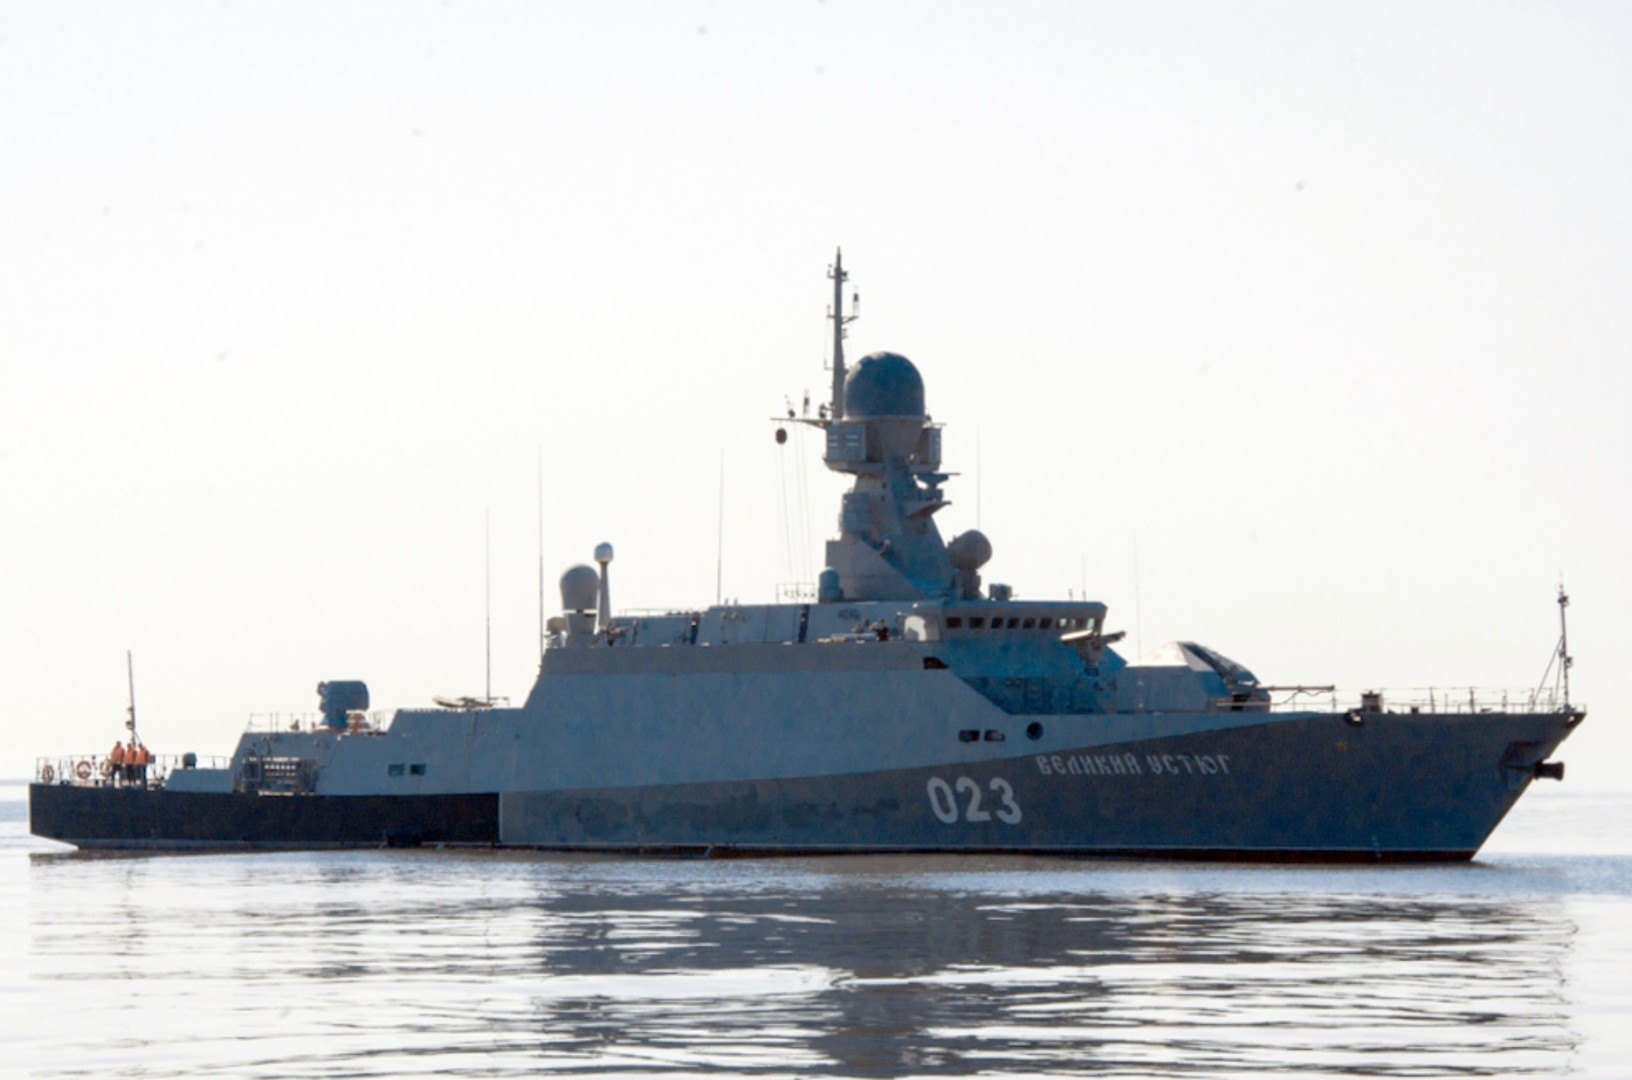 Малый ракетный корабль «Великий Устюг» во время учений «Центр-2015» в Каспийском море